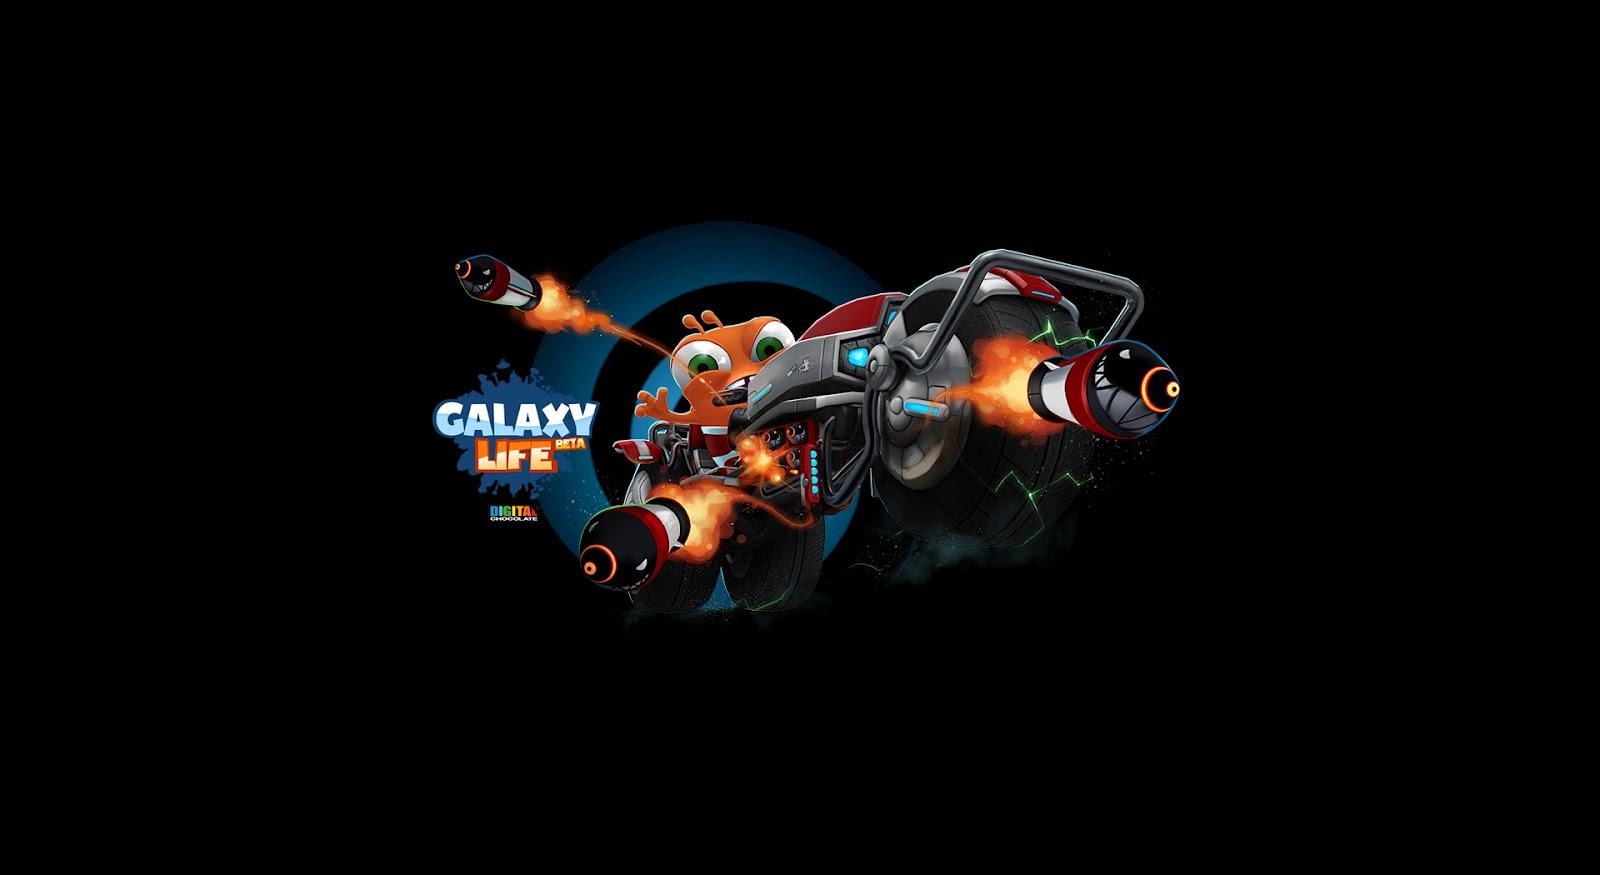 http://3.bp.blogspot.com/-Vp1u7rUdH5A/USG_L6ZjqII/AAAAAAAAb-g/3_ftqI1sxqc/s1600/galaxy+life+wallpaper+(4).jpg